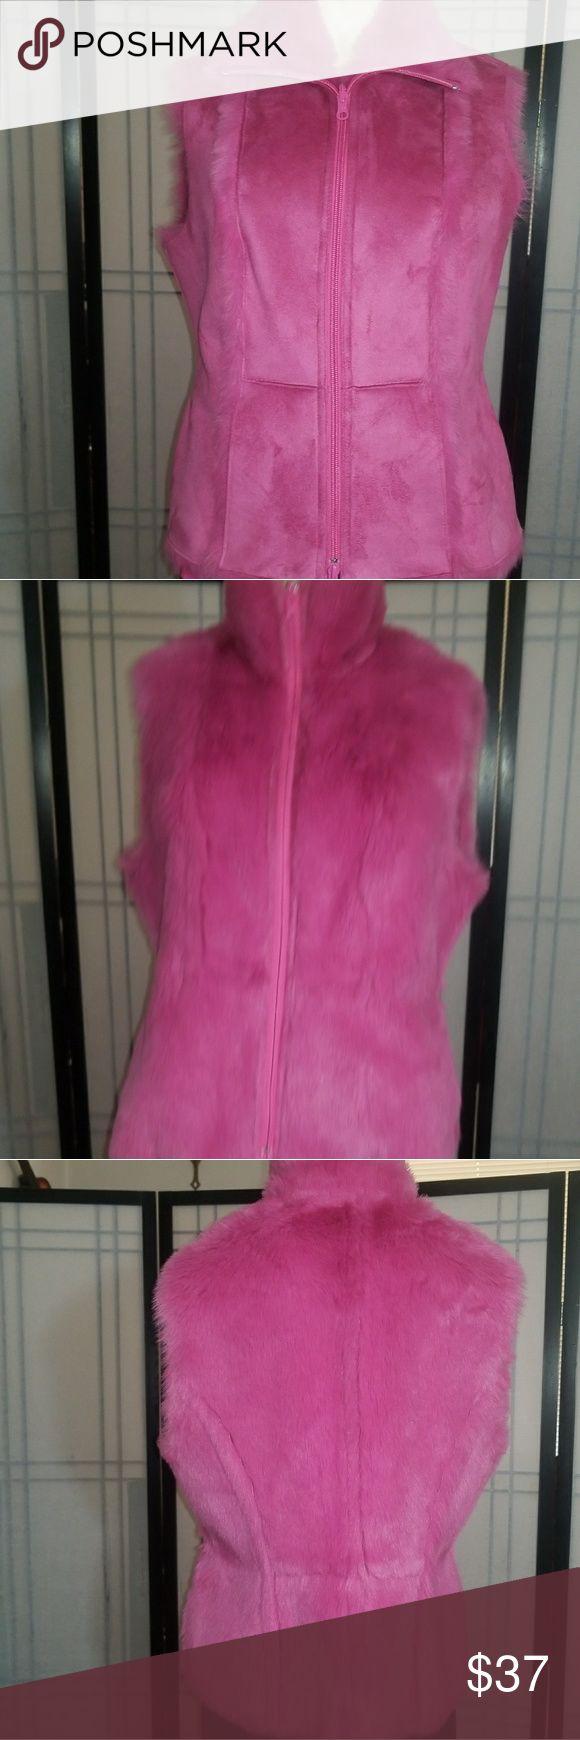 9 West Reversible Vest Reversible 9 West vest faux Fur and Suede. NWOT. Nine West Jackets & Coats Vests